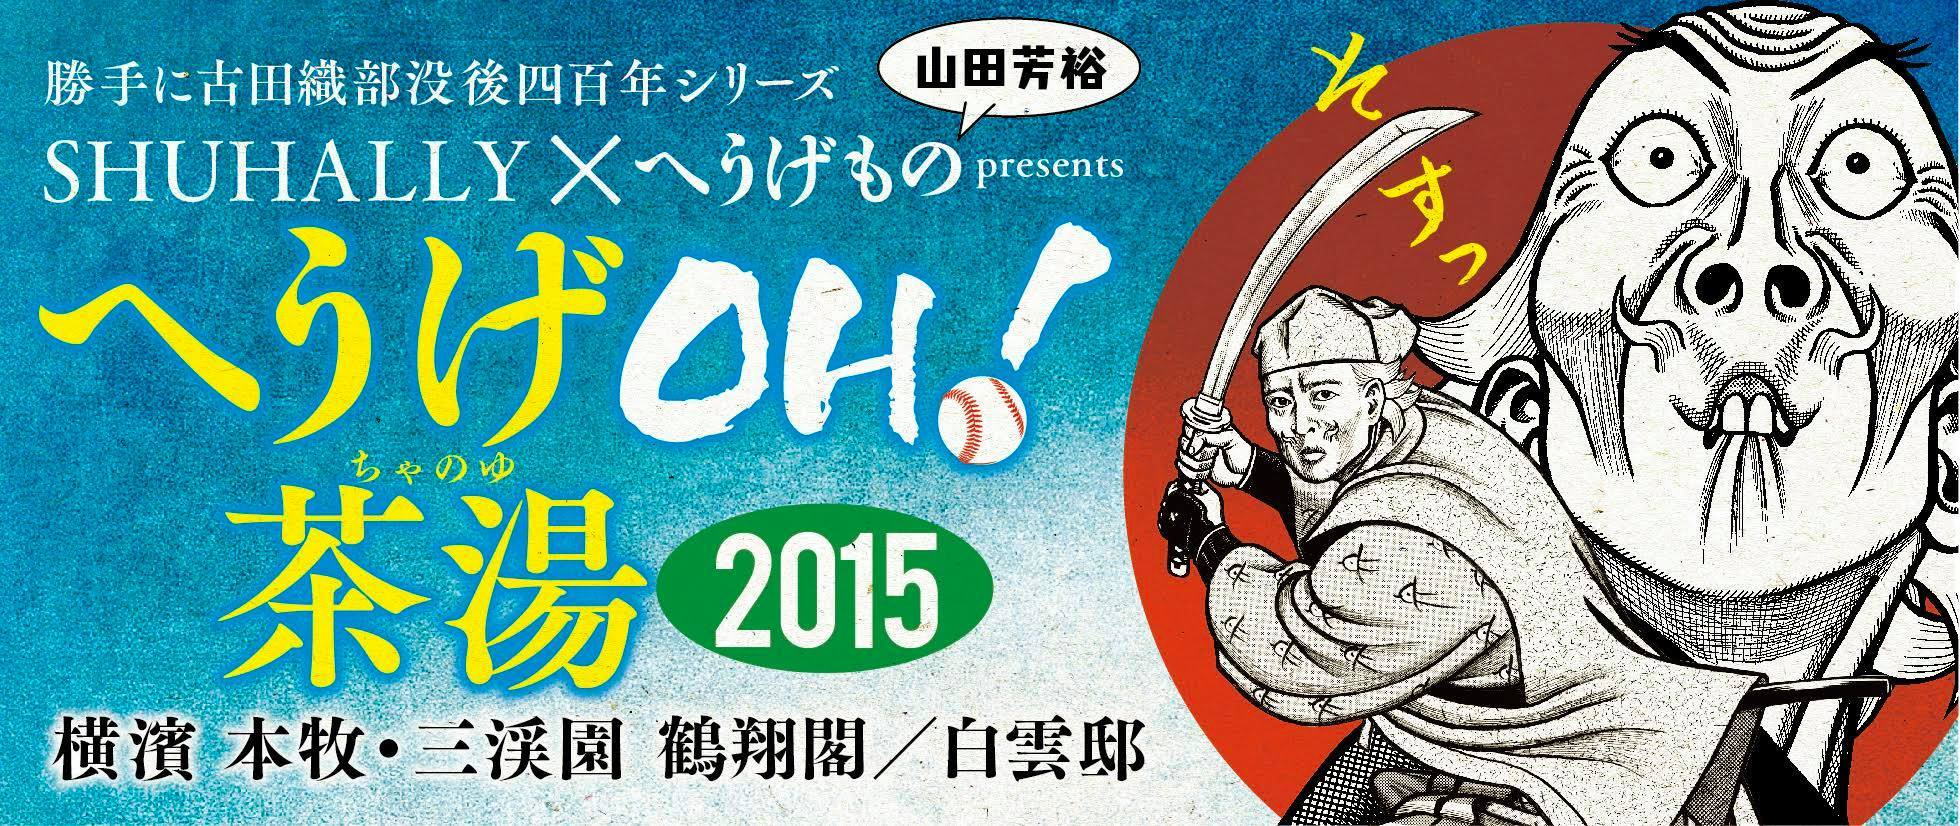 【イベントまとめ】芸術の秋!の前に「日本文化」を感じるイベント